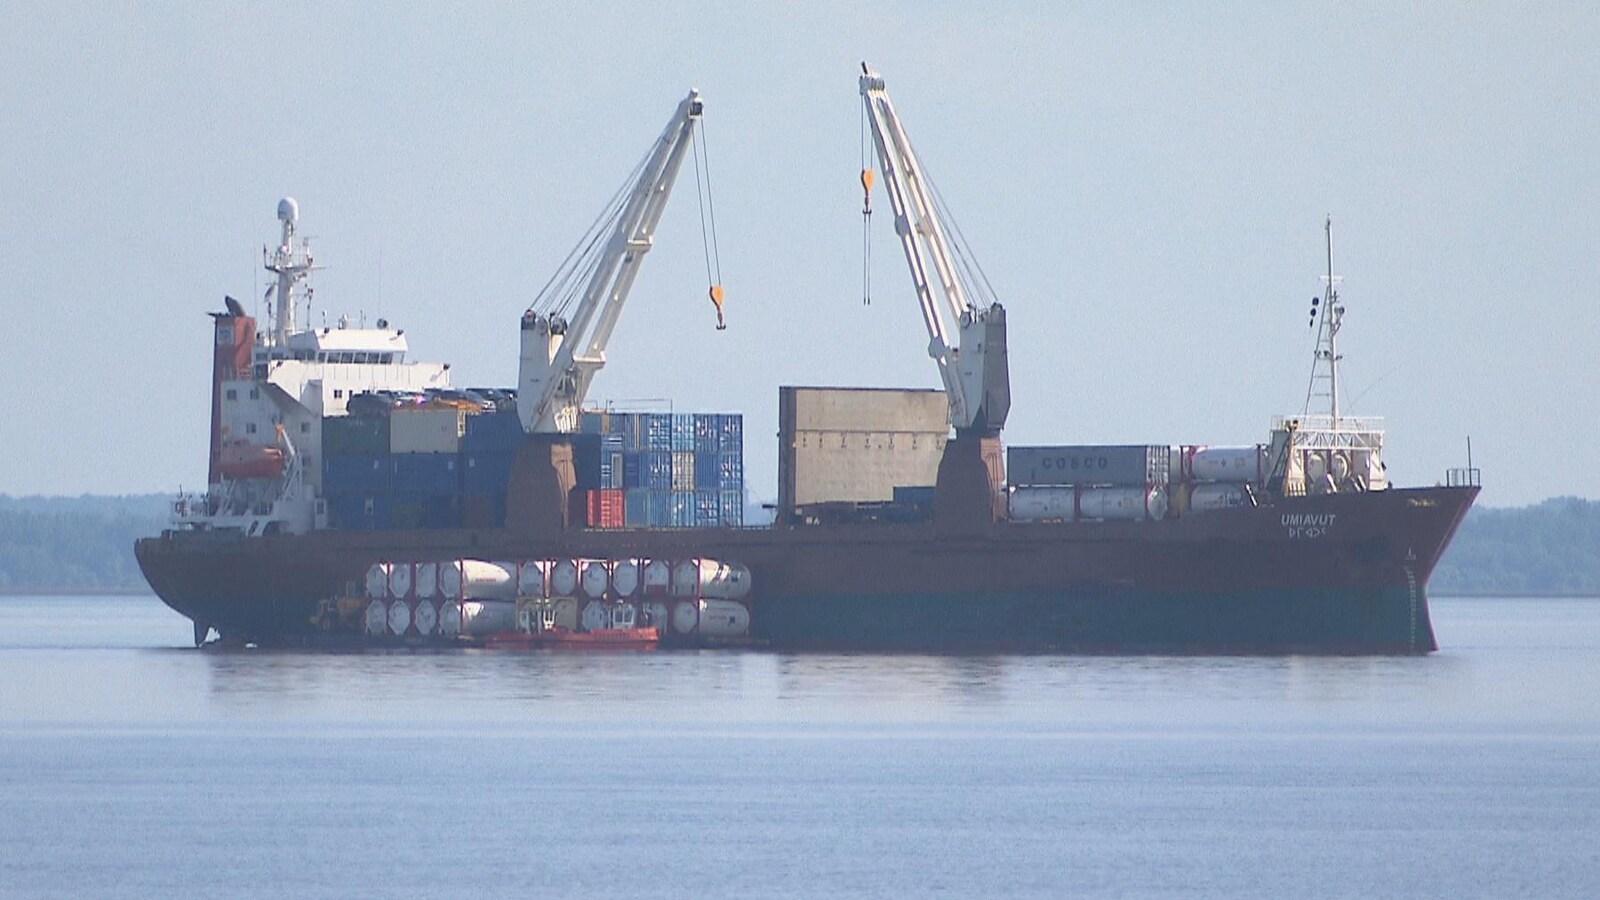 Des grues s'activent sur le cargo pour le décharger de sa cargaison.